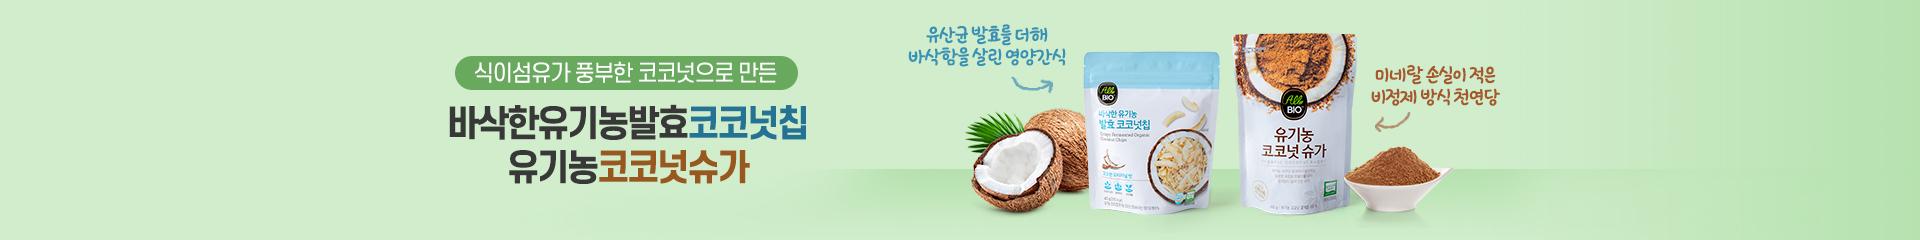 코코넛 2종